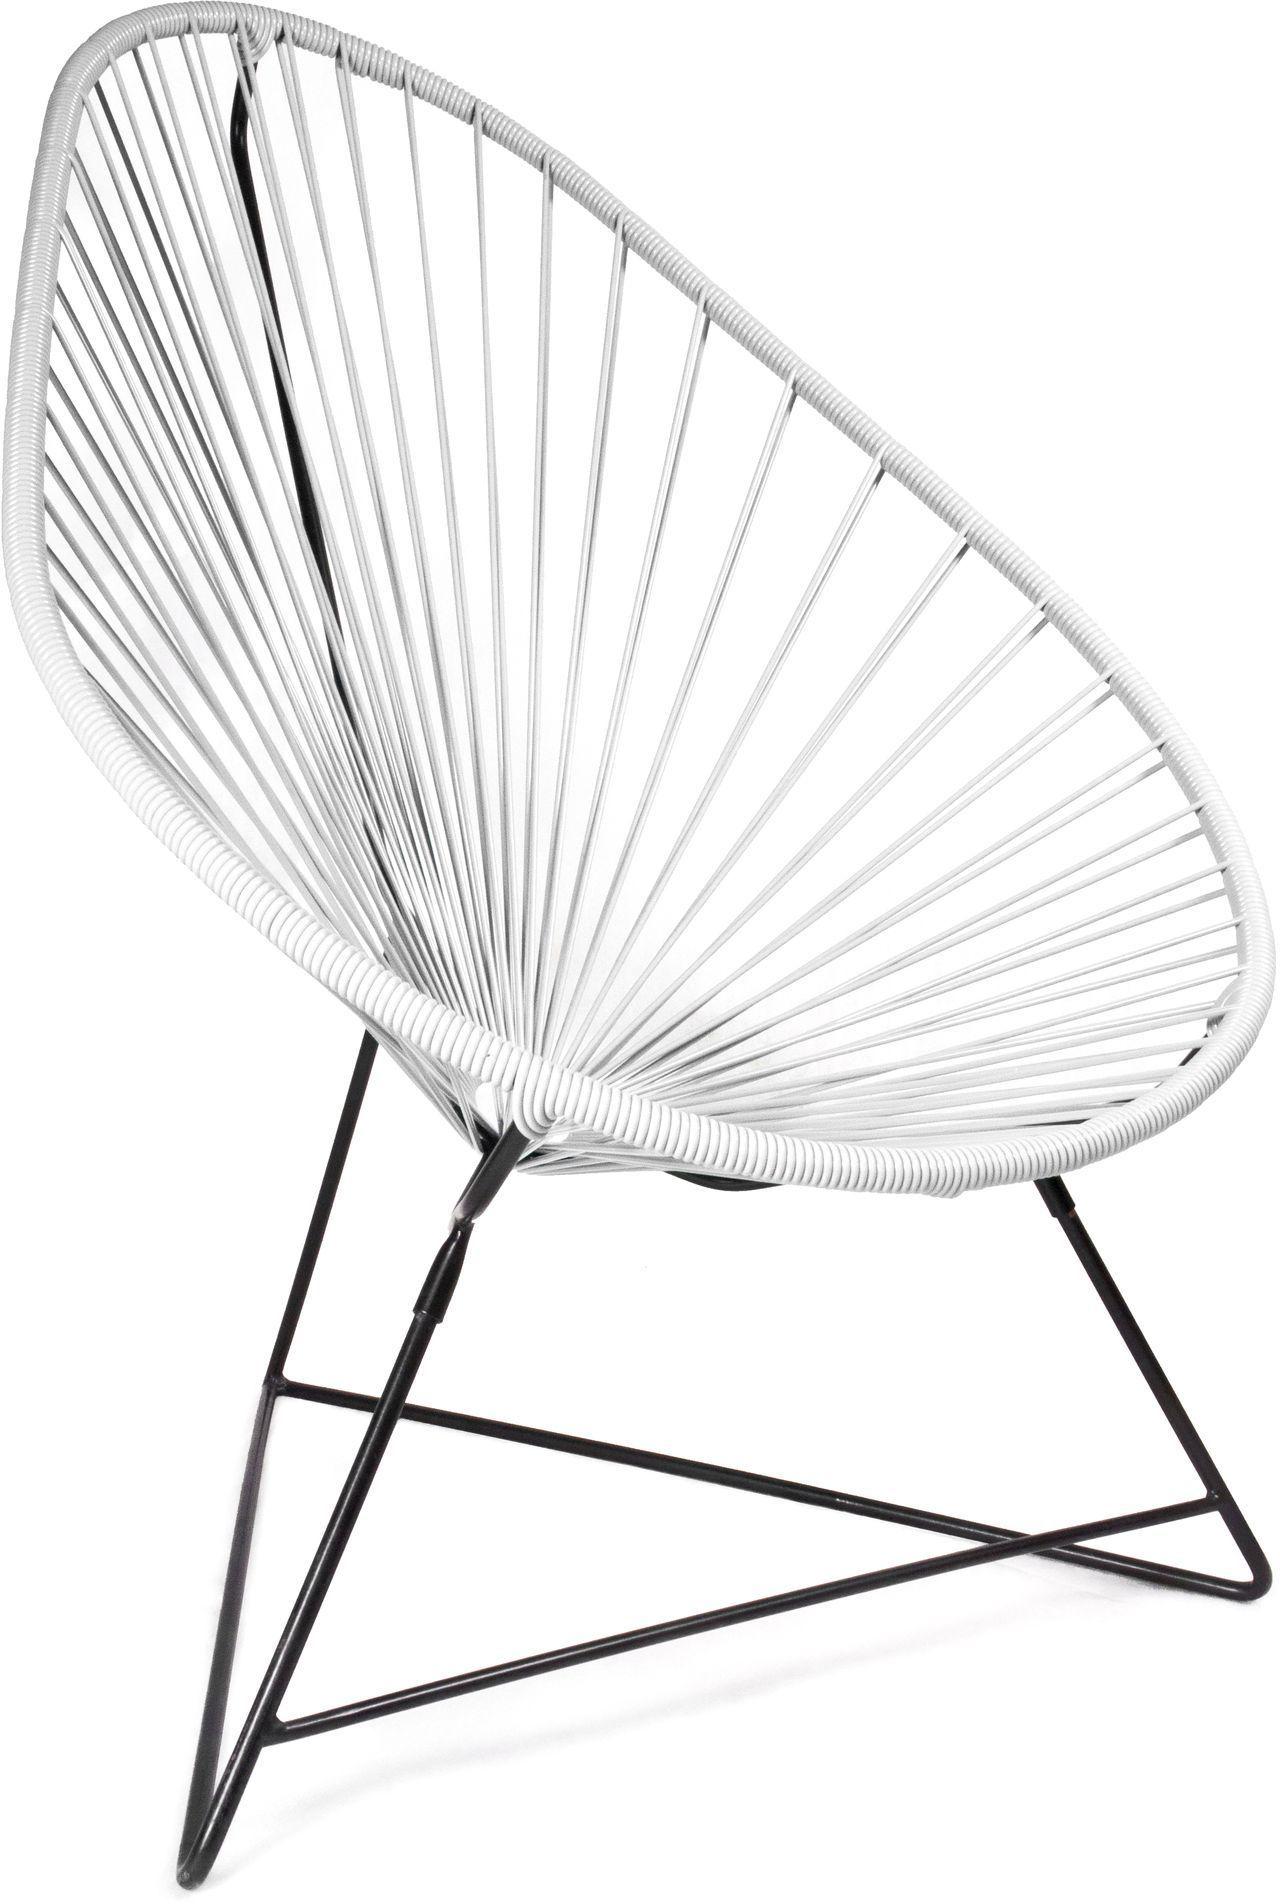 Acapulco Chair Boqa Design Sessel